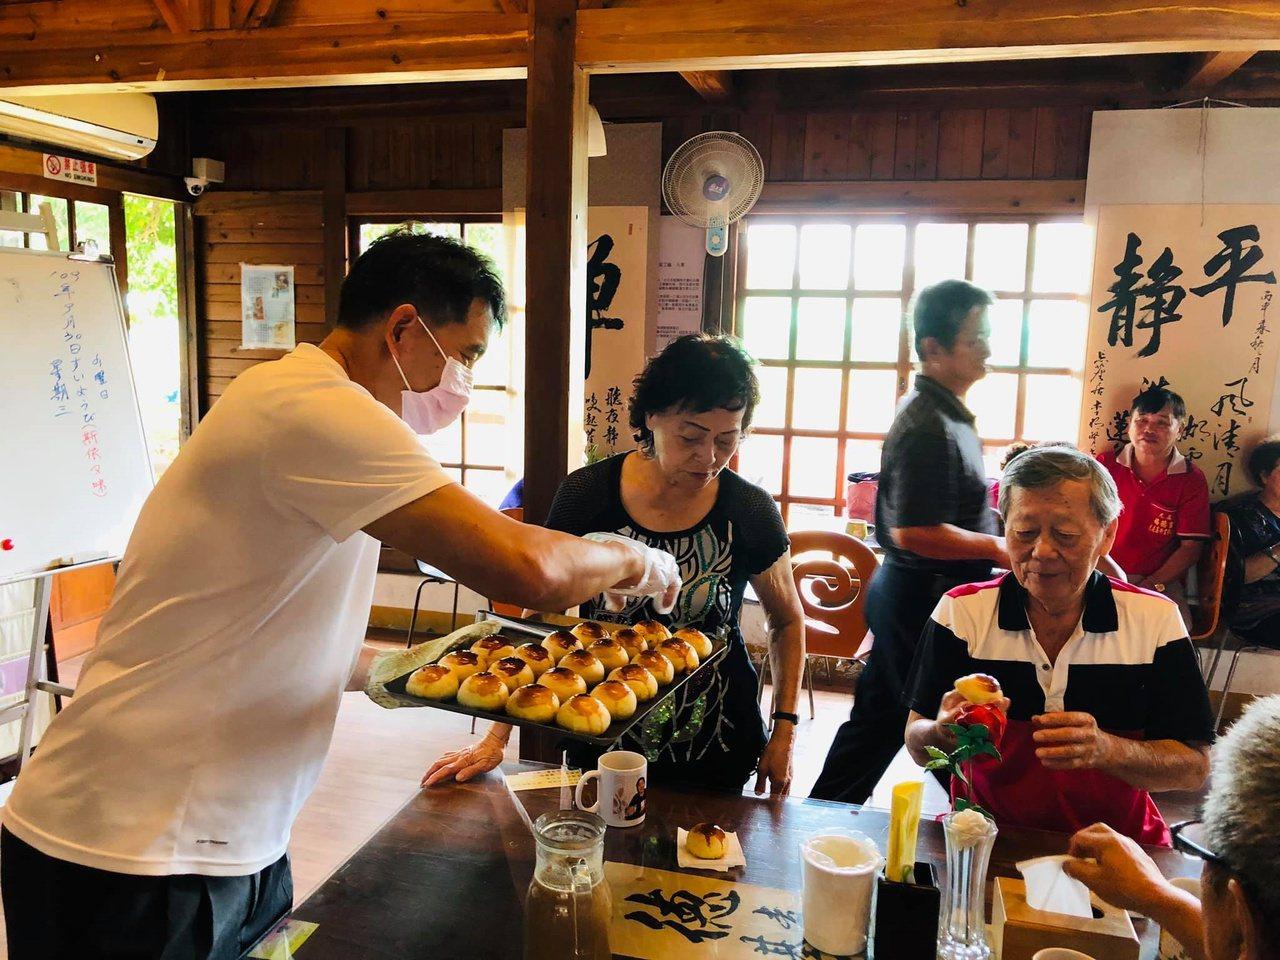 除了各種才藝還有美食研習,在地烘焙師細心教導老人家學做餅。 圖/蔡維斌 攝影